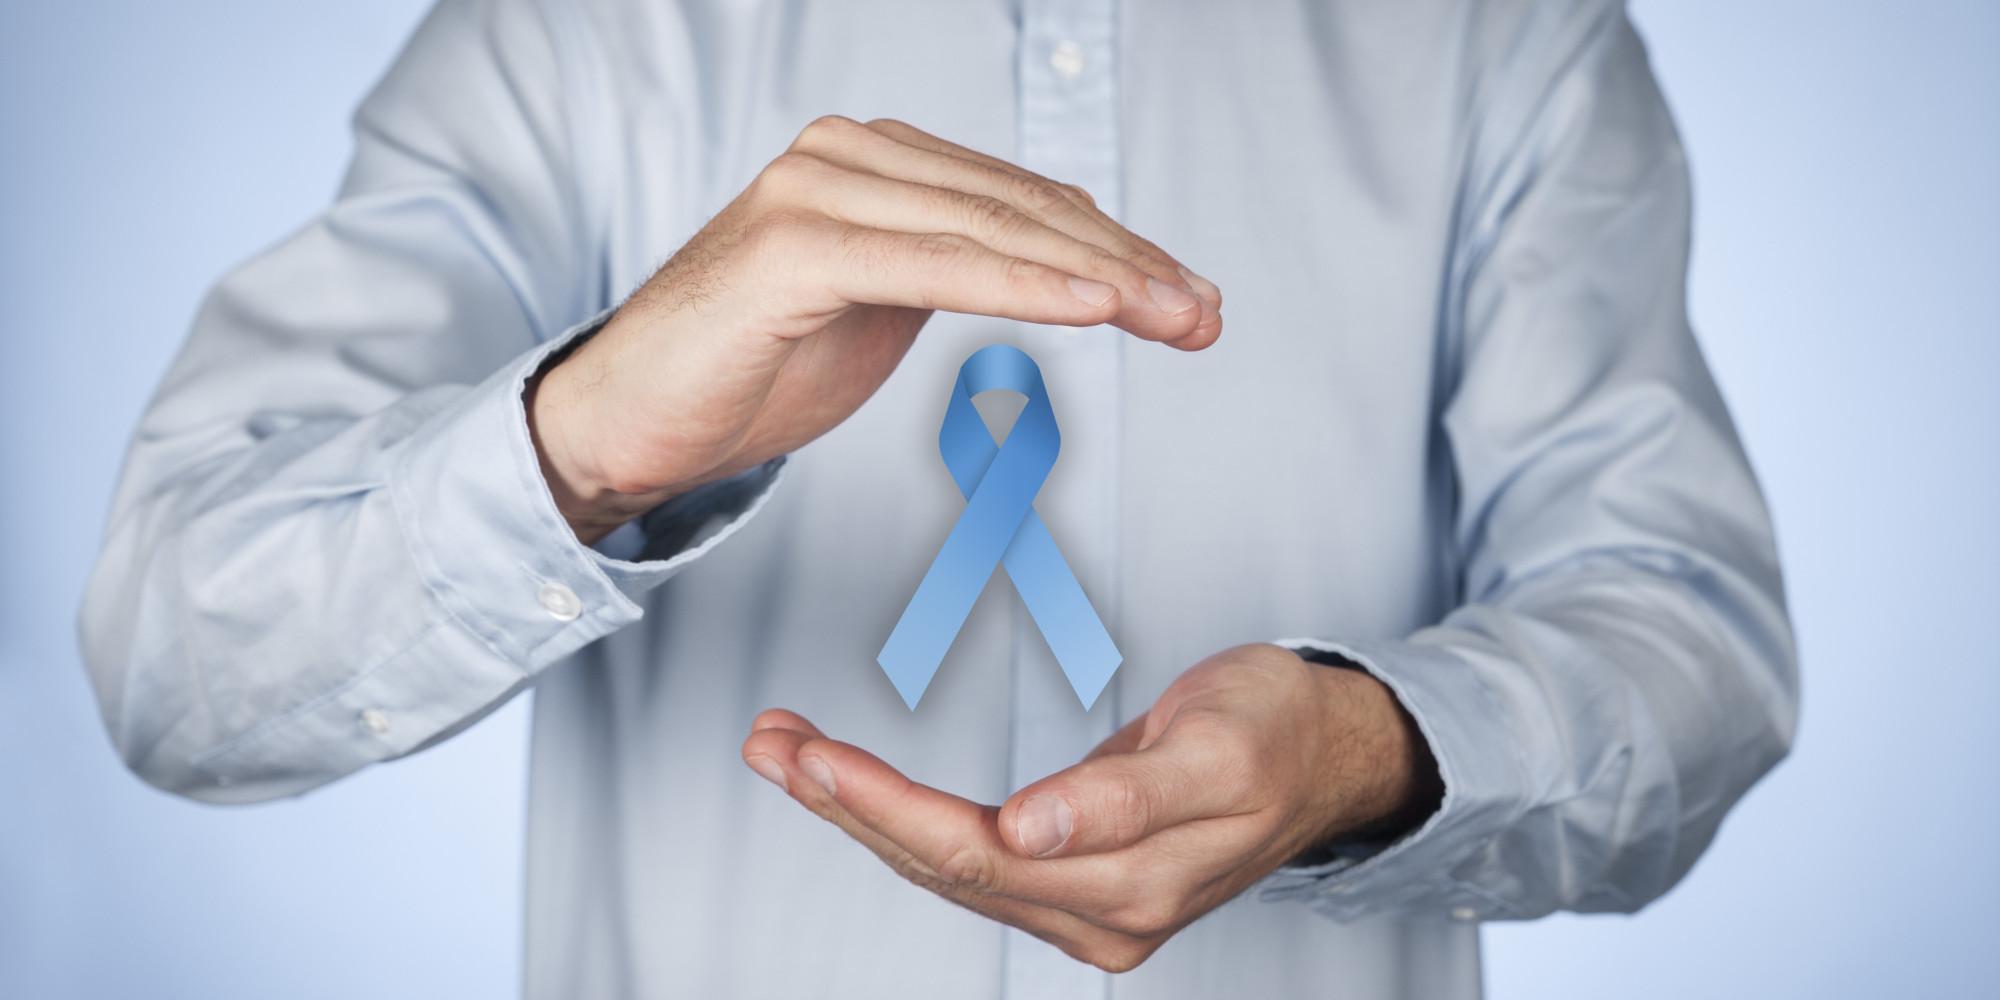 Αποτέλεσμα εικόνας για prostate cancer